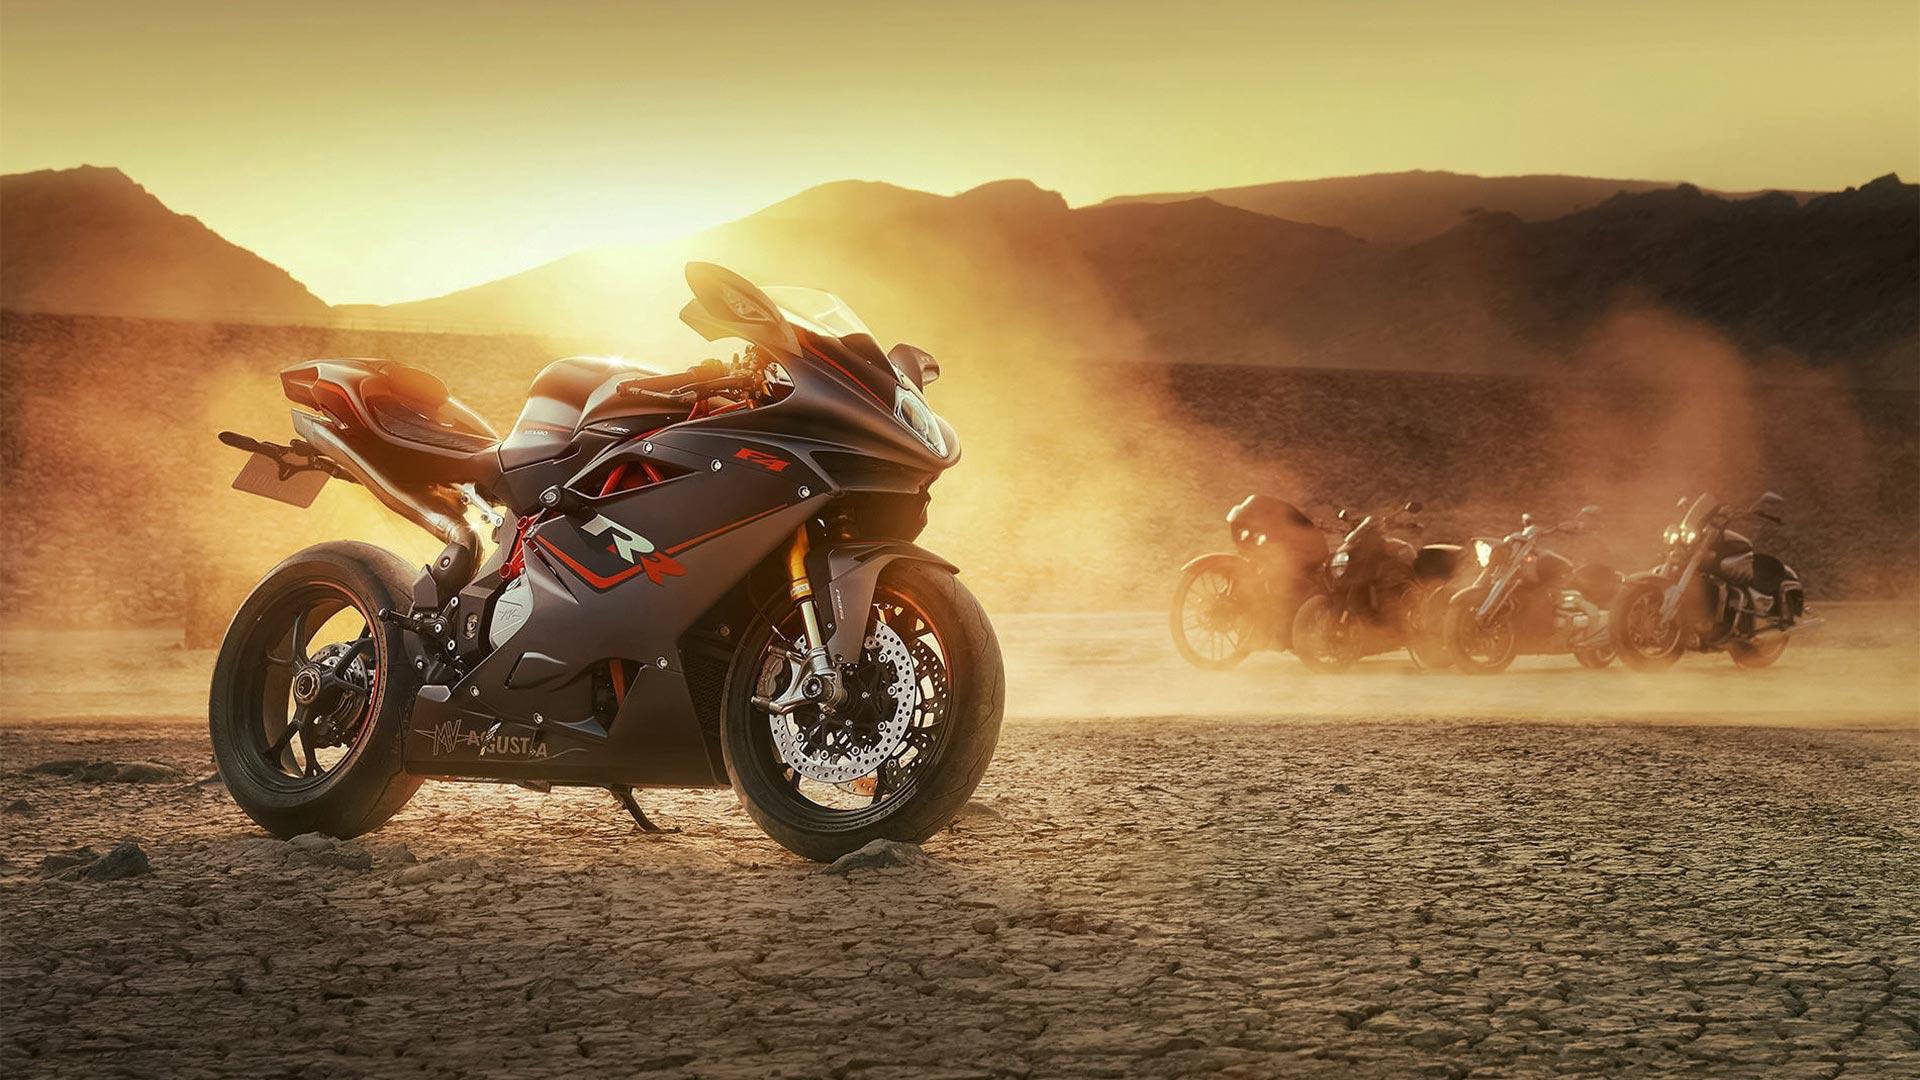 Insane Kawasaki Bike Hd Wallpaper: Papel De Parede Super Motos Tunadas